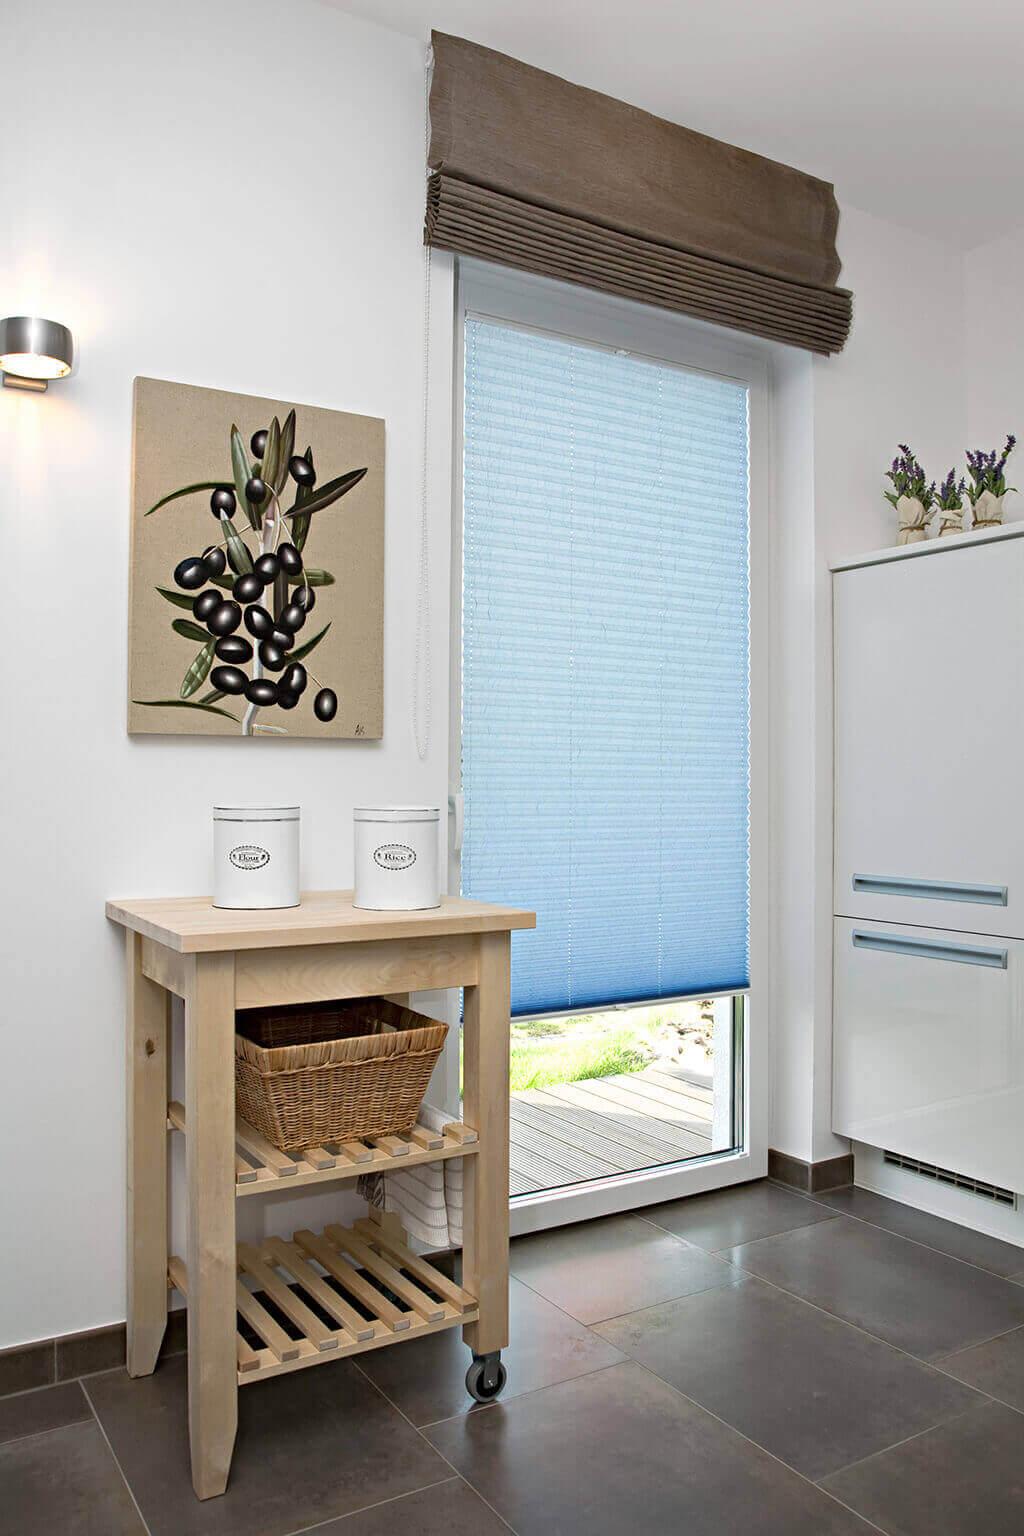 Hellblaues Plissee an der Küchentür, kombiniert mit braunem Faltrollo